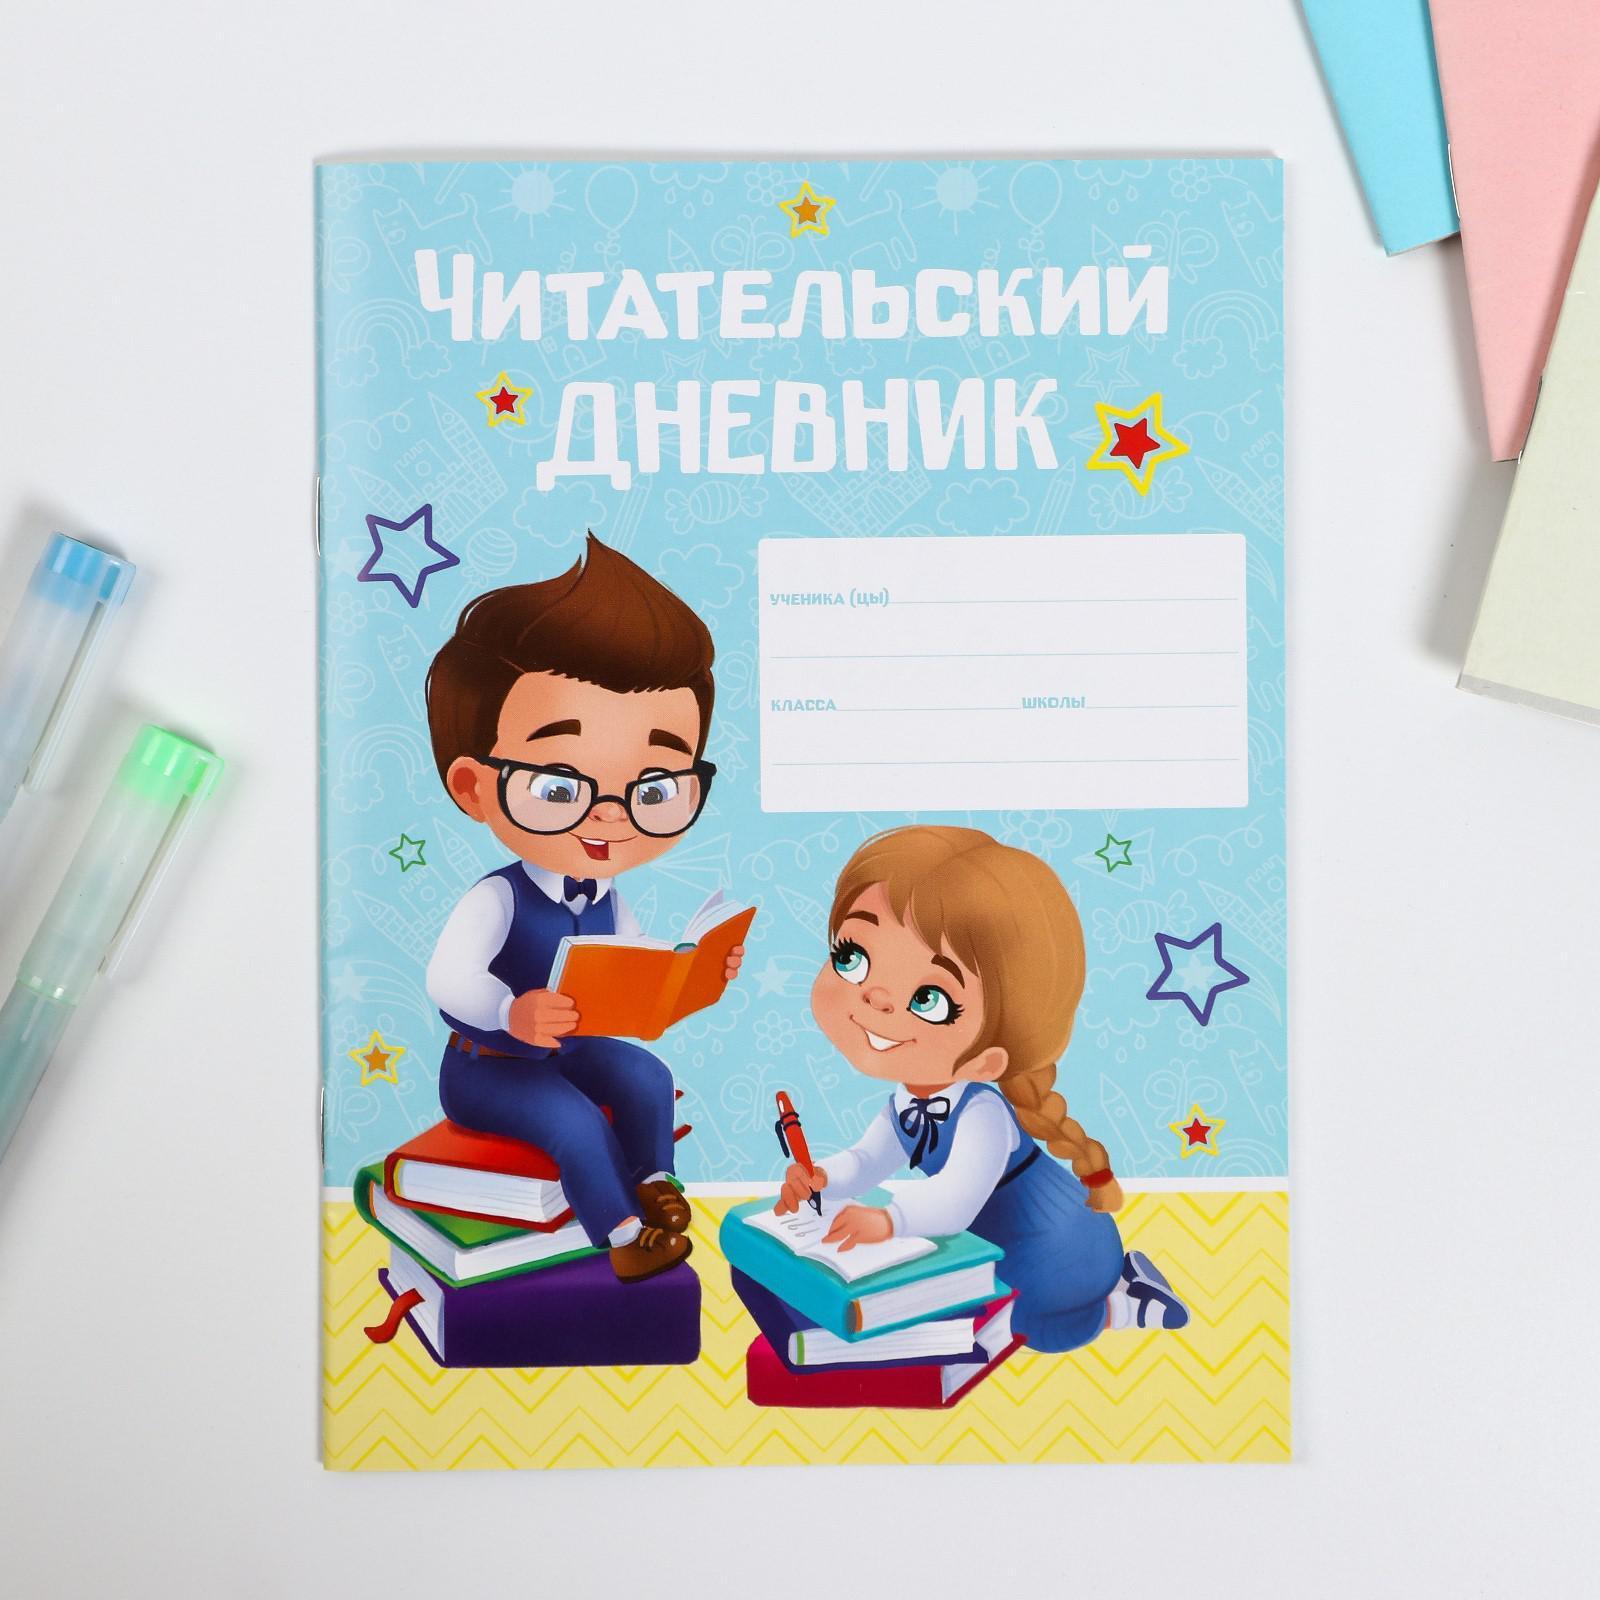 Картинка к читательскому дневнику